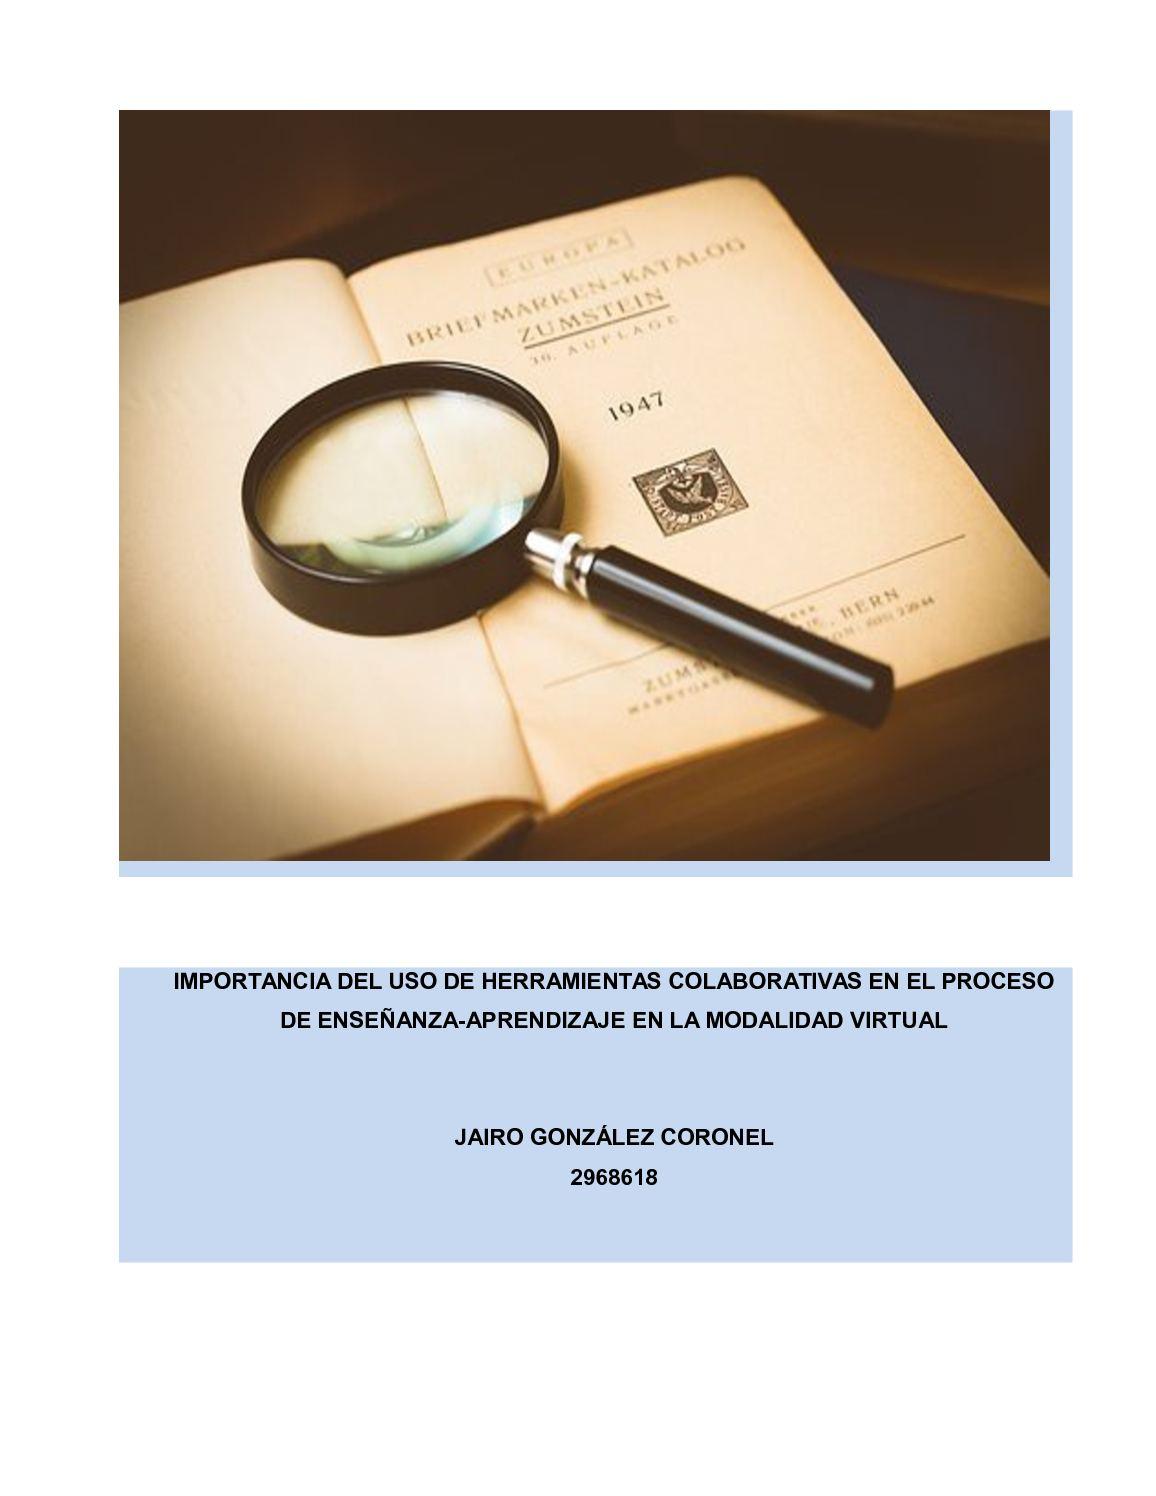 IMPORTANCIA DEL USO DE HERRAMIENTAS COLABORATIVAS EN EL PROCESO DE ENSEÑANZA-APRENDIZAJE EN LA MODALIDAD VIRTUAL